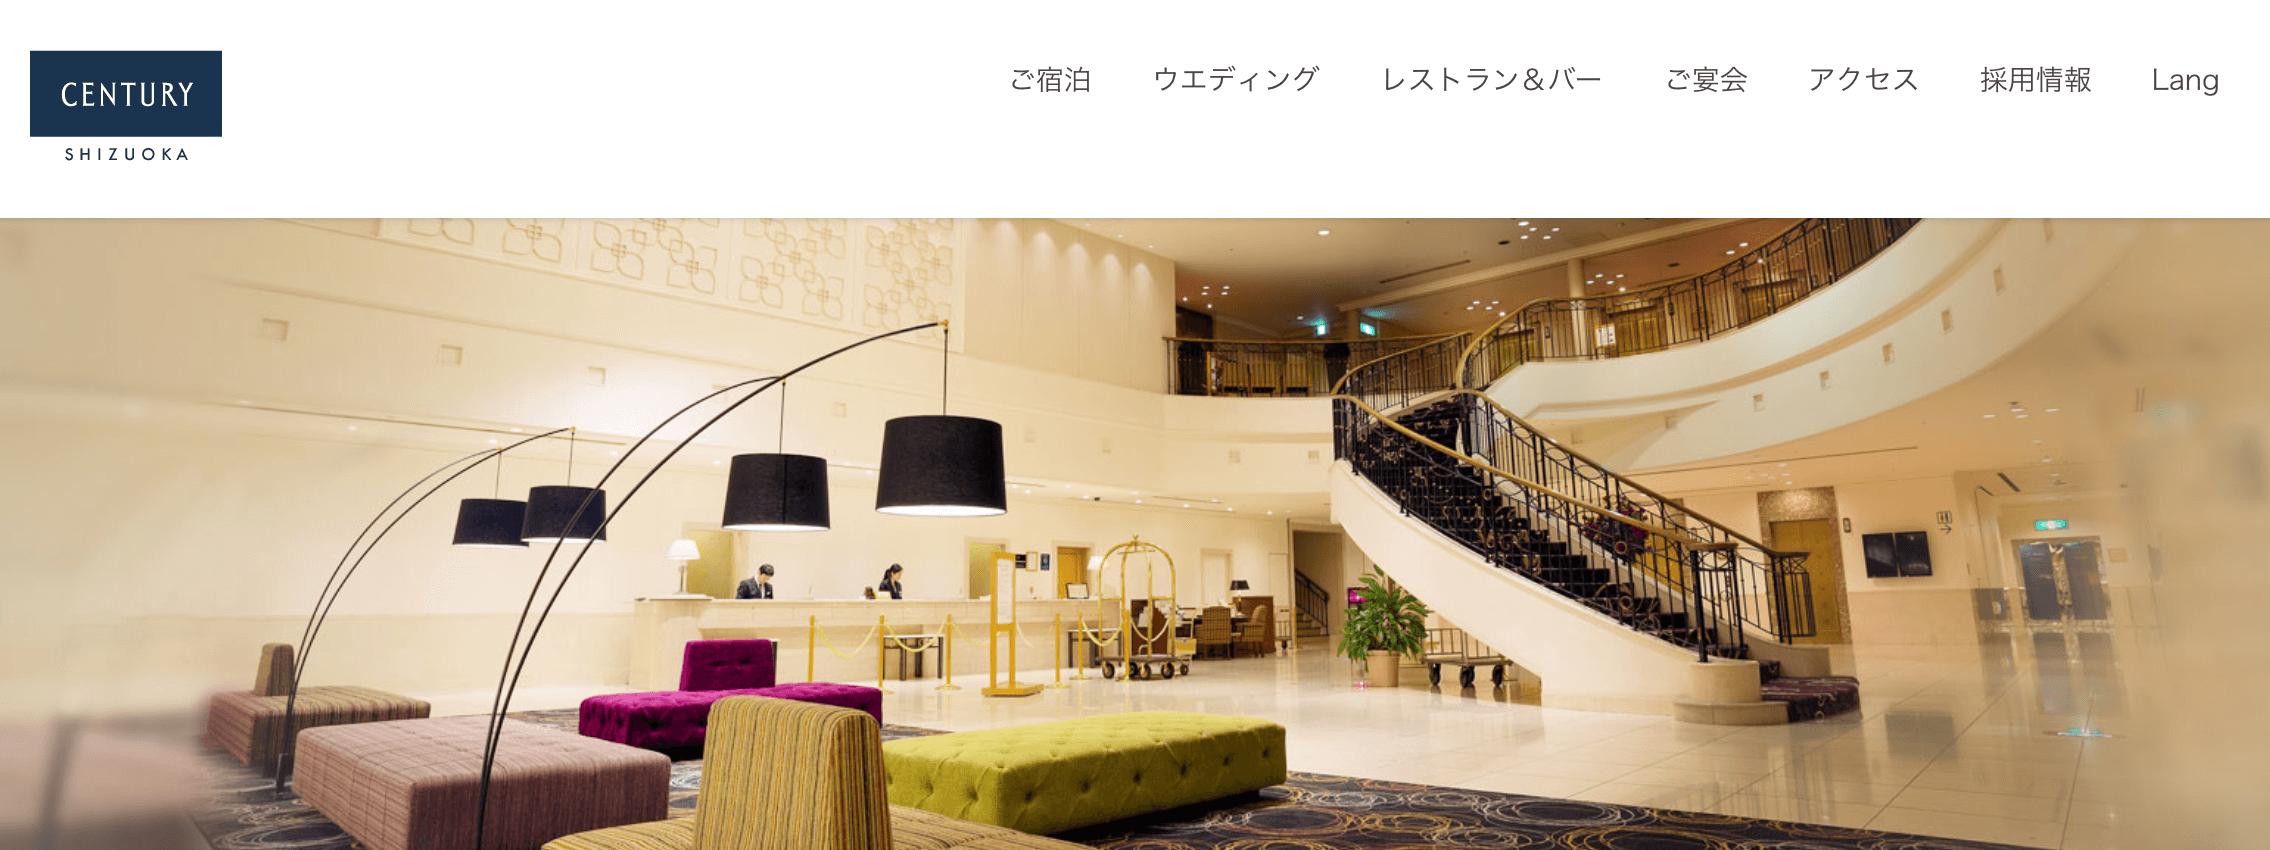 静岡でパパ活におすすめなホテル「ホテルセンチュリー静岡」